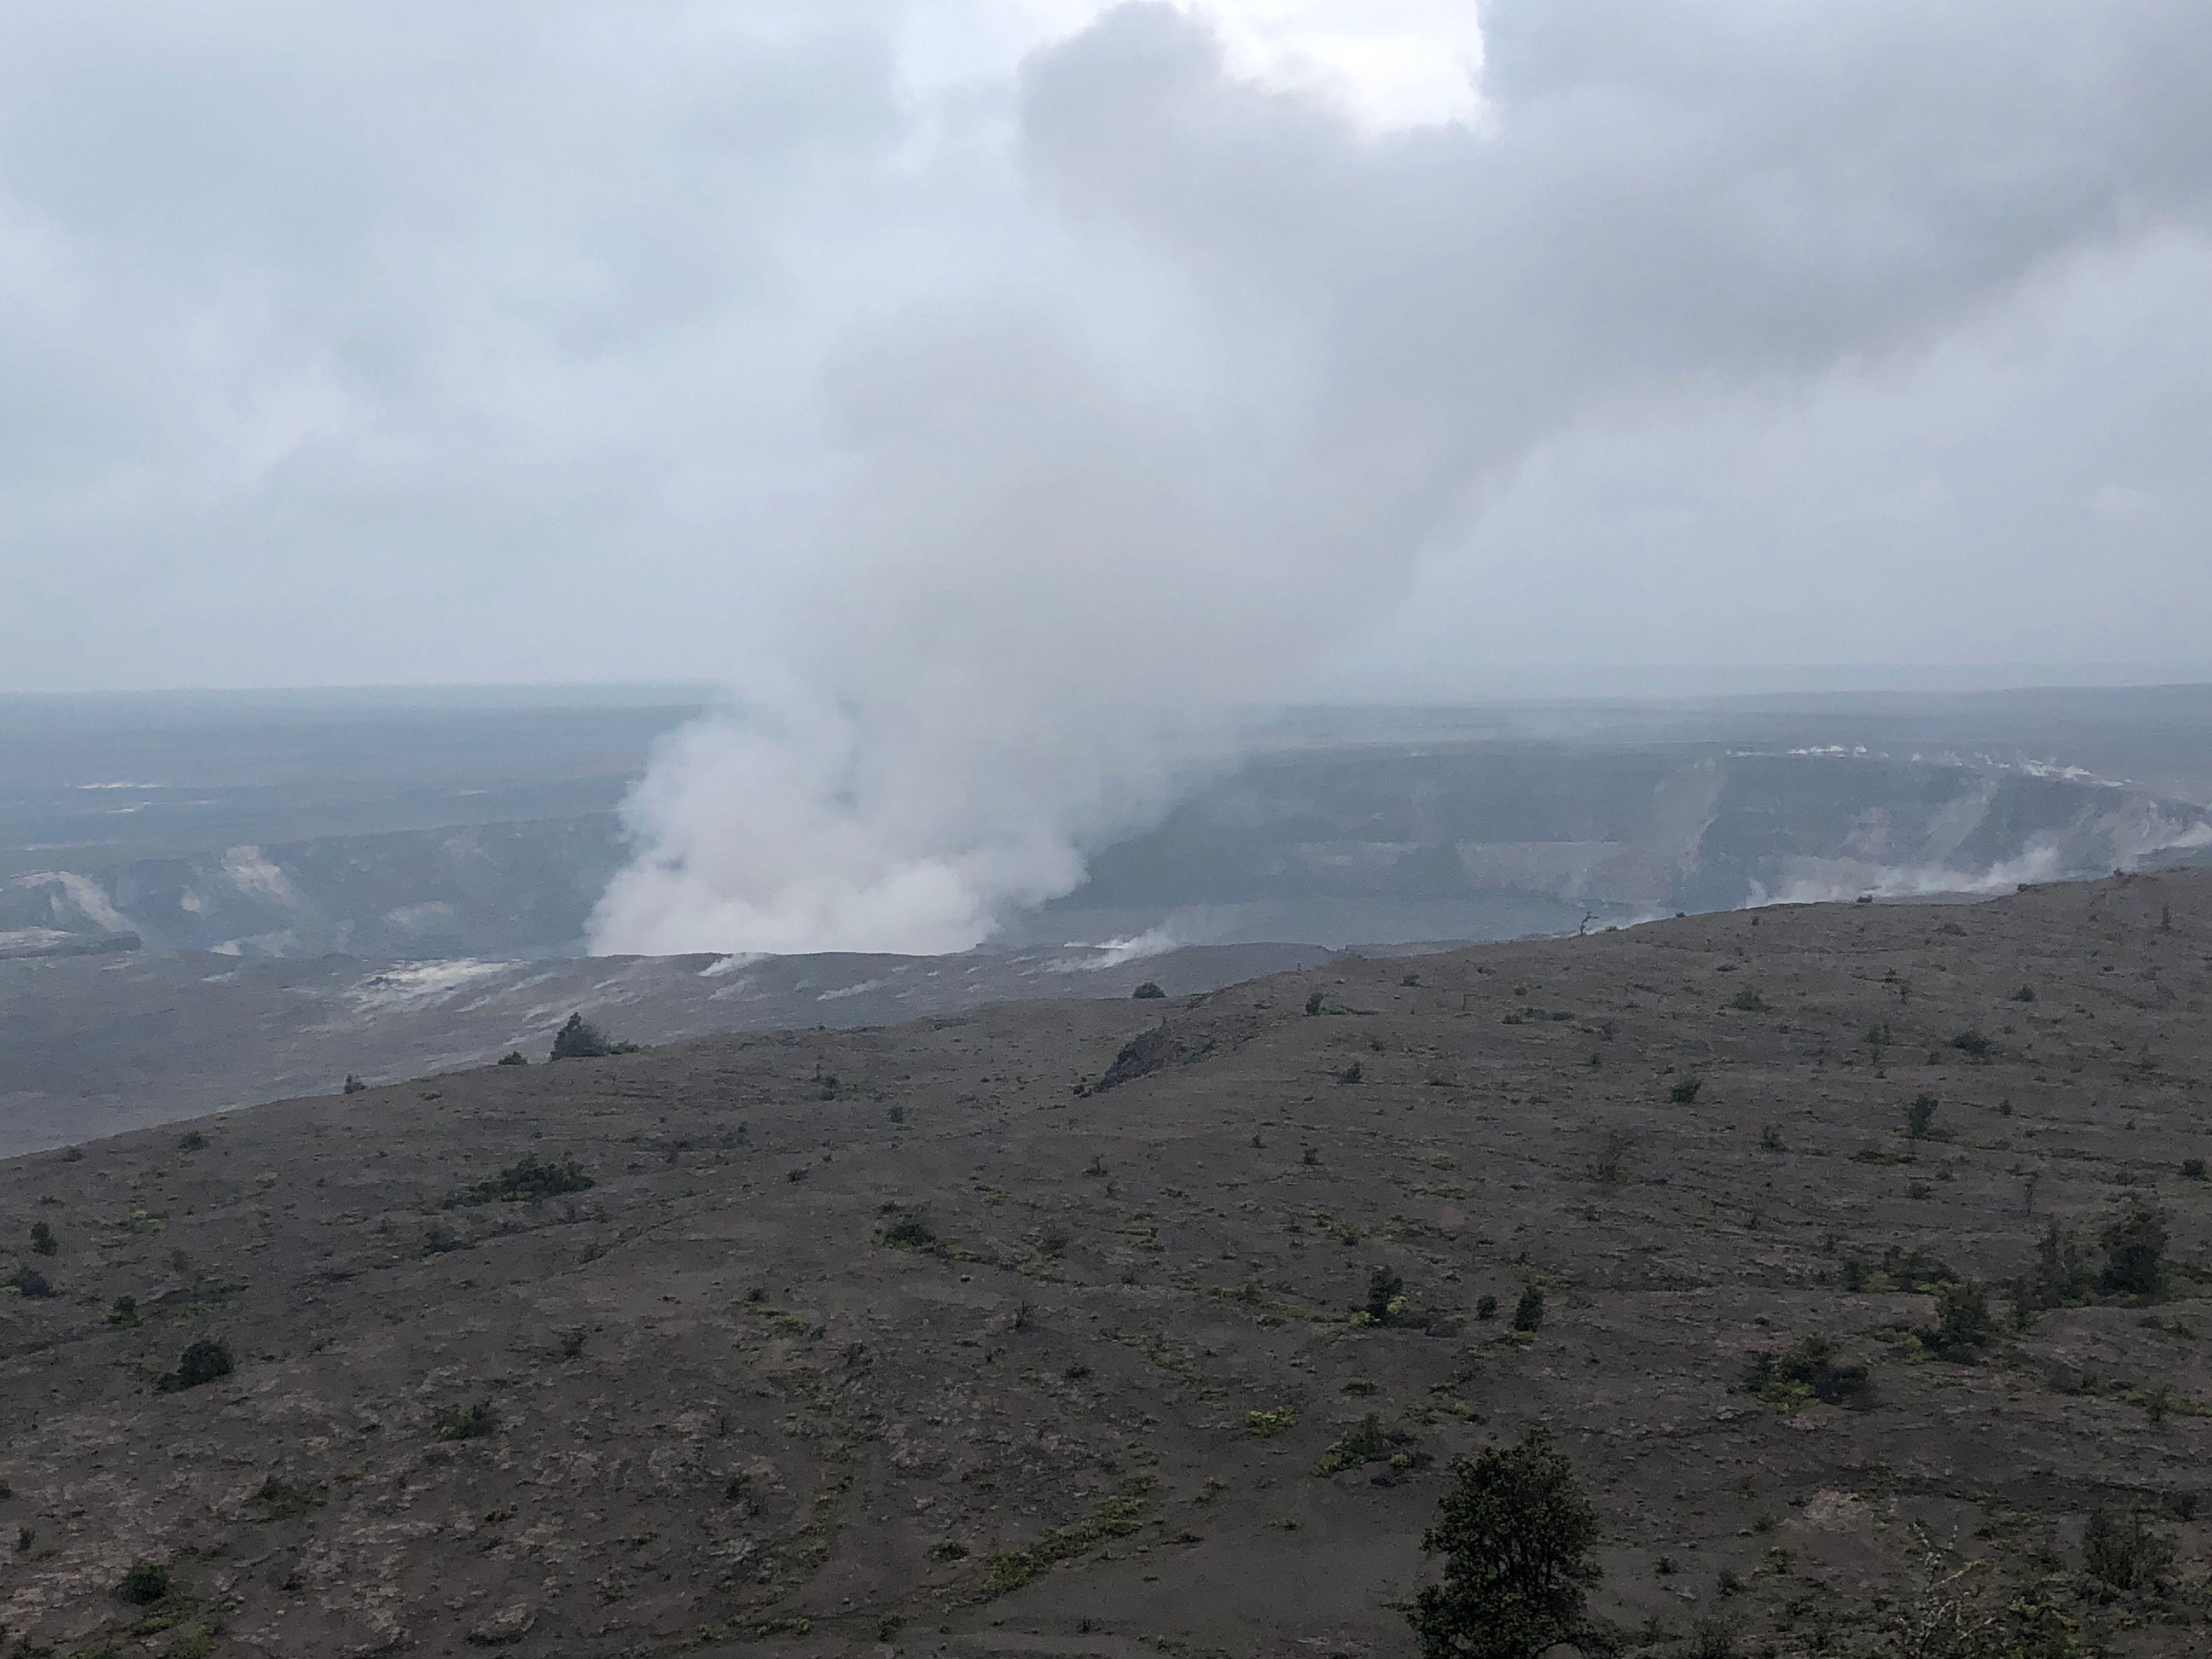 تصاعد الدخان من فوهة البركان